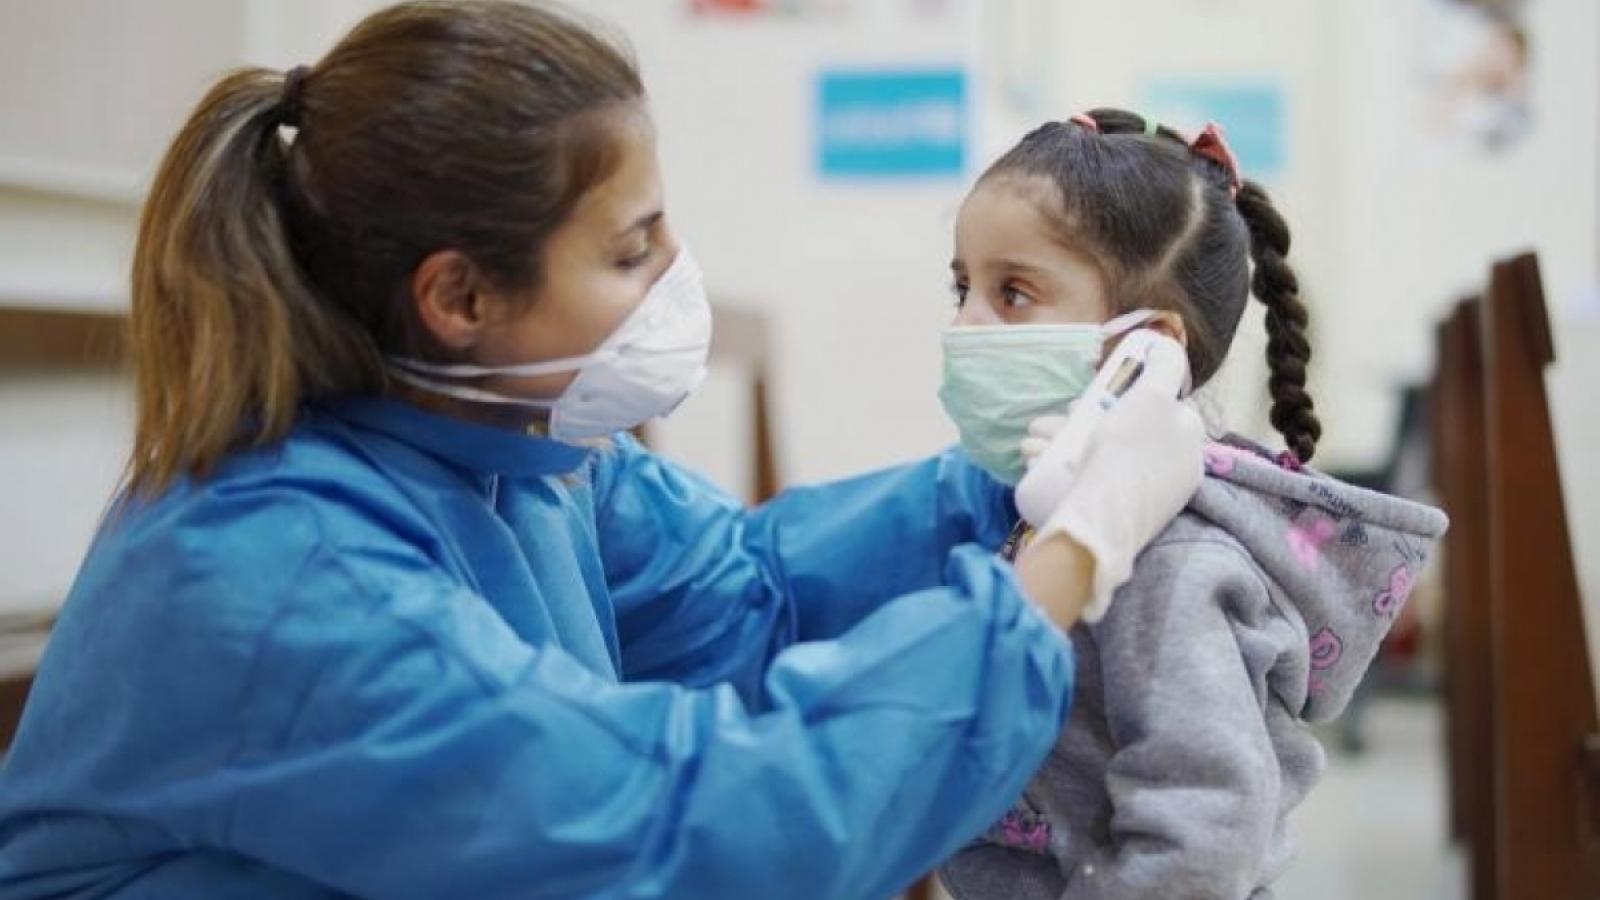 Kỷ lục 1.900 trẻ em ở Mỹ phải nhập viện trong 1 ngày do Covid-19